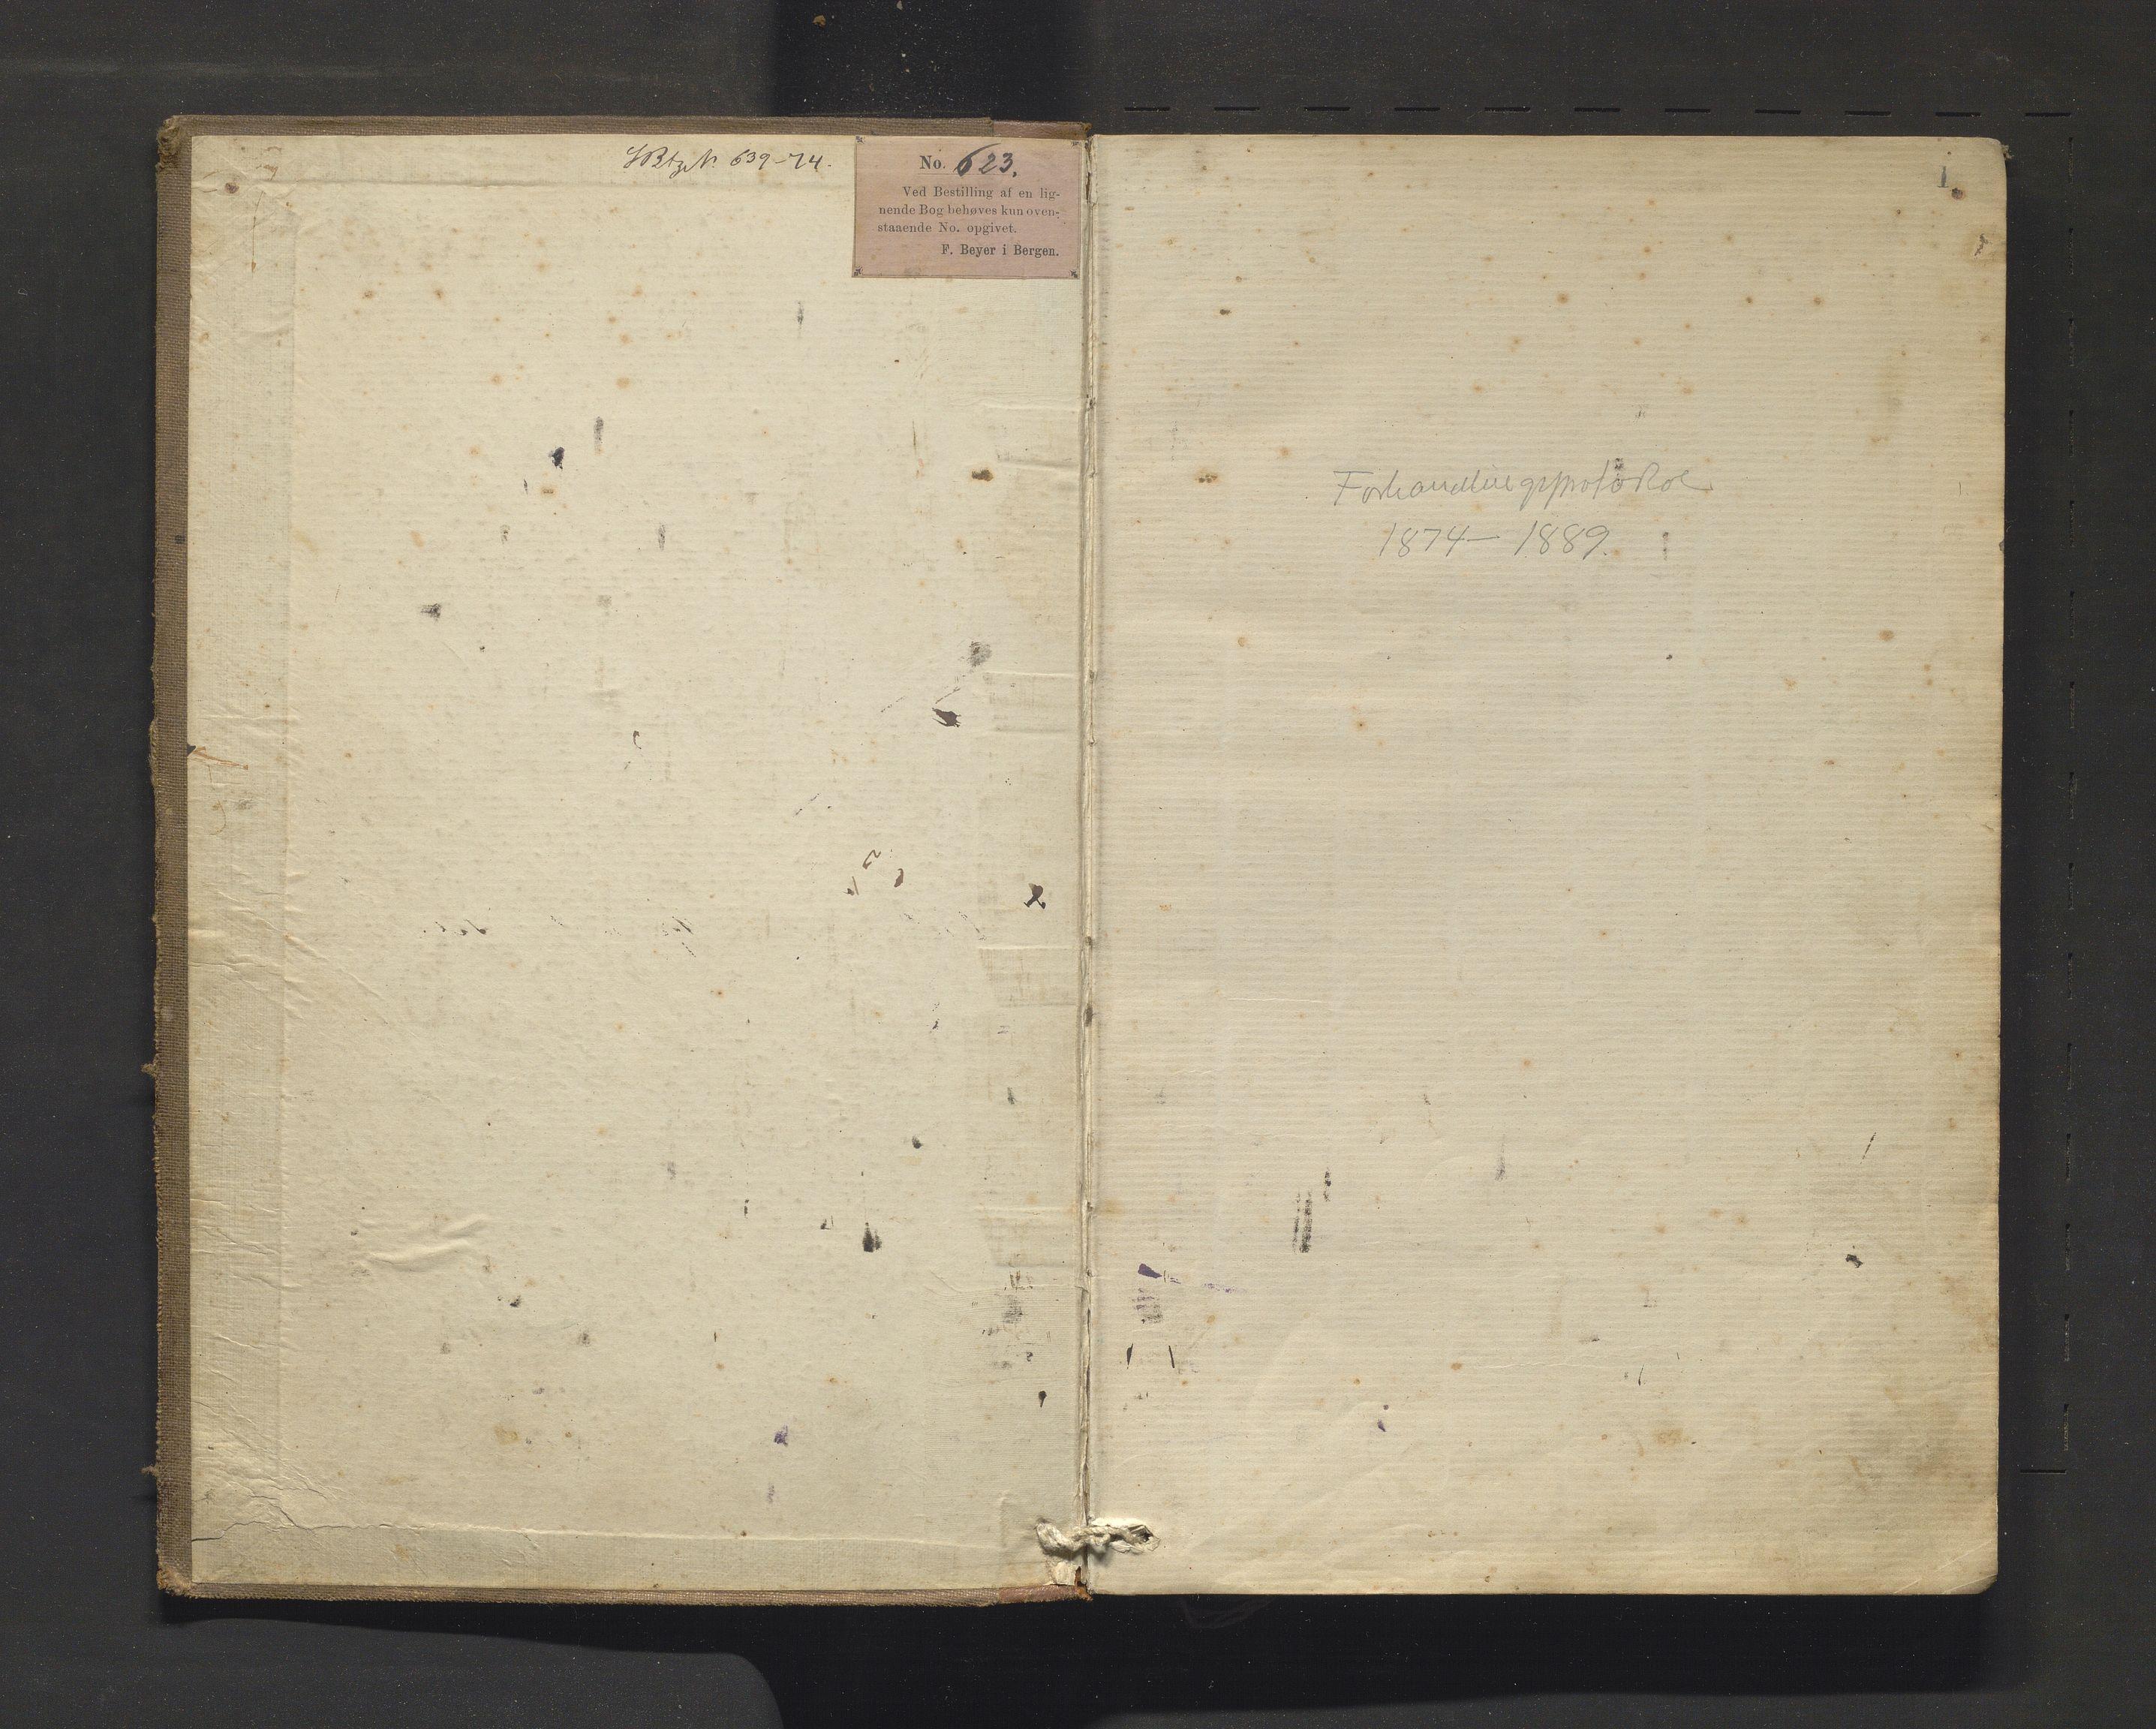 IKAH, Strandebarm kommune. Formannskapet, A/Aa/L0002: Møtebok for formannskap og heradsstyre, 1874-1889